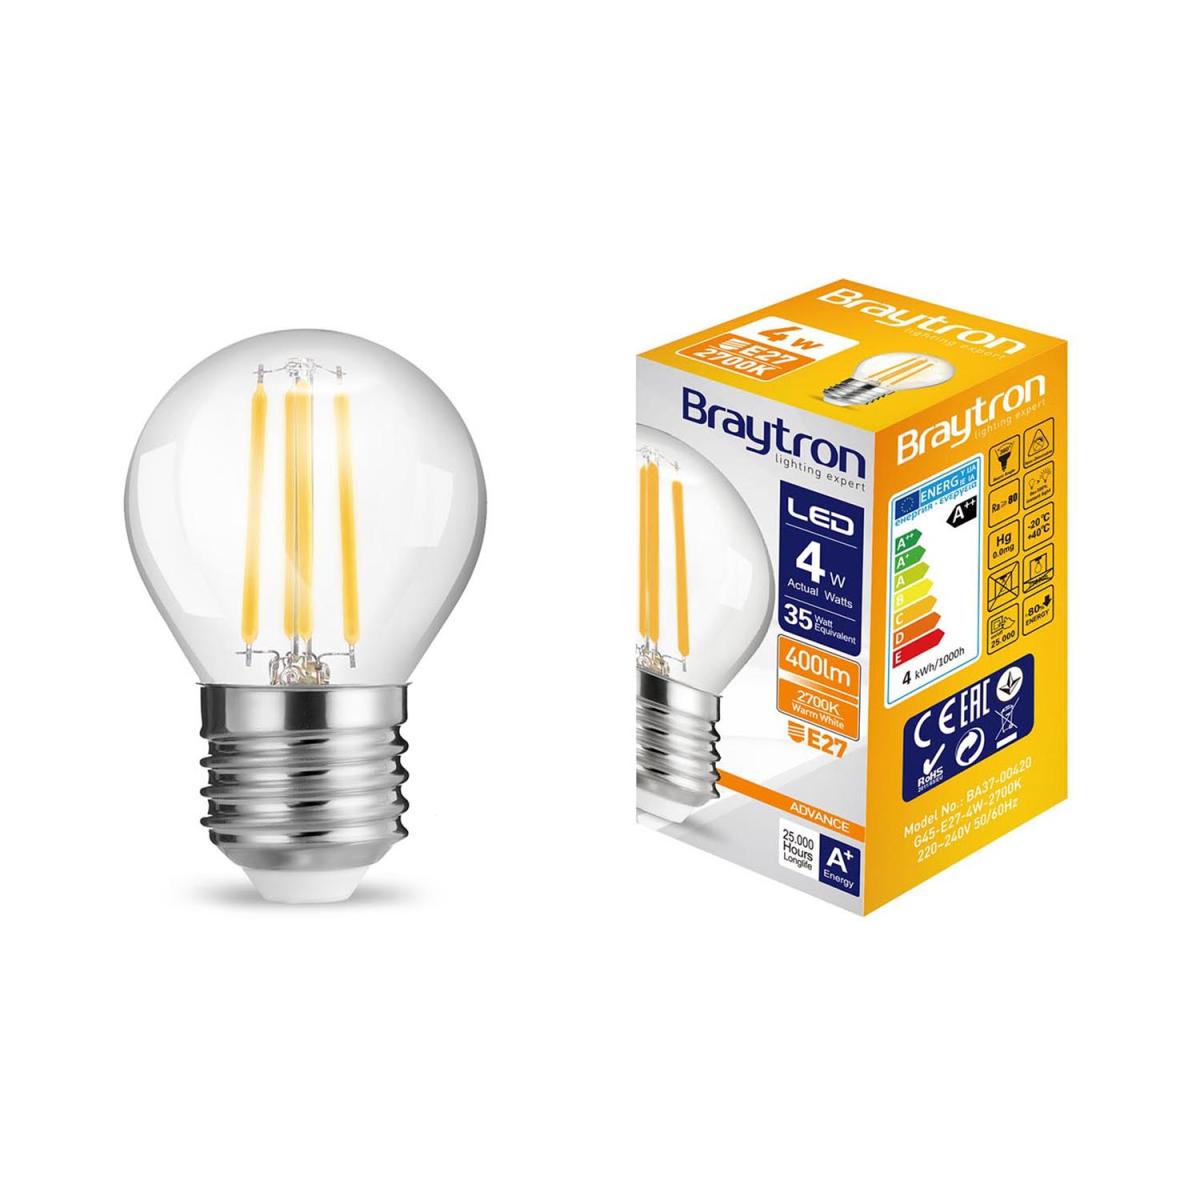 4er E27 5W G45 LED Lampen Licht Glühbirne Leuchtmittel 400Lumen 3000K warmweiss